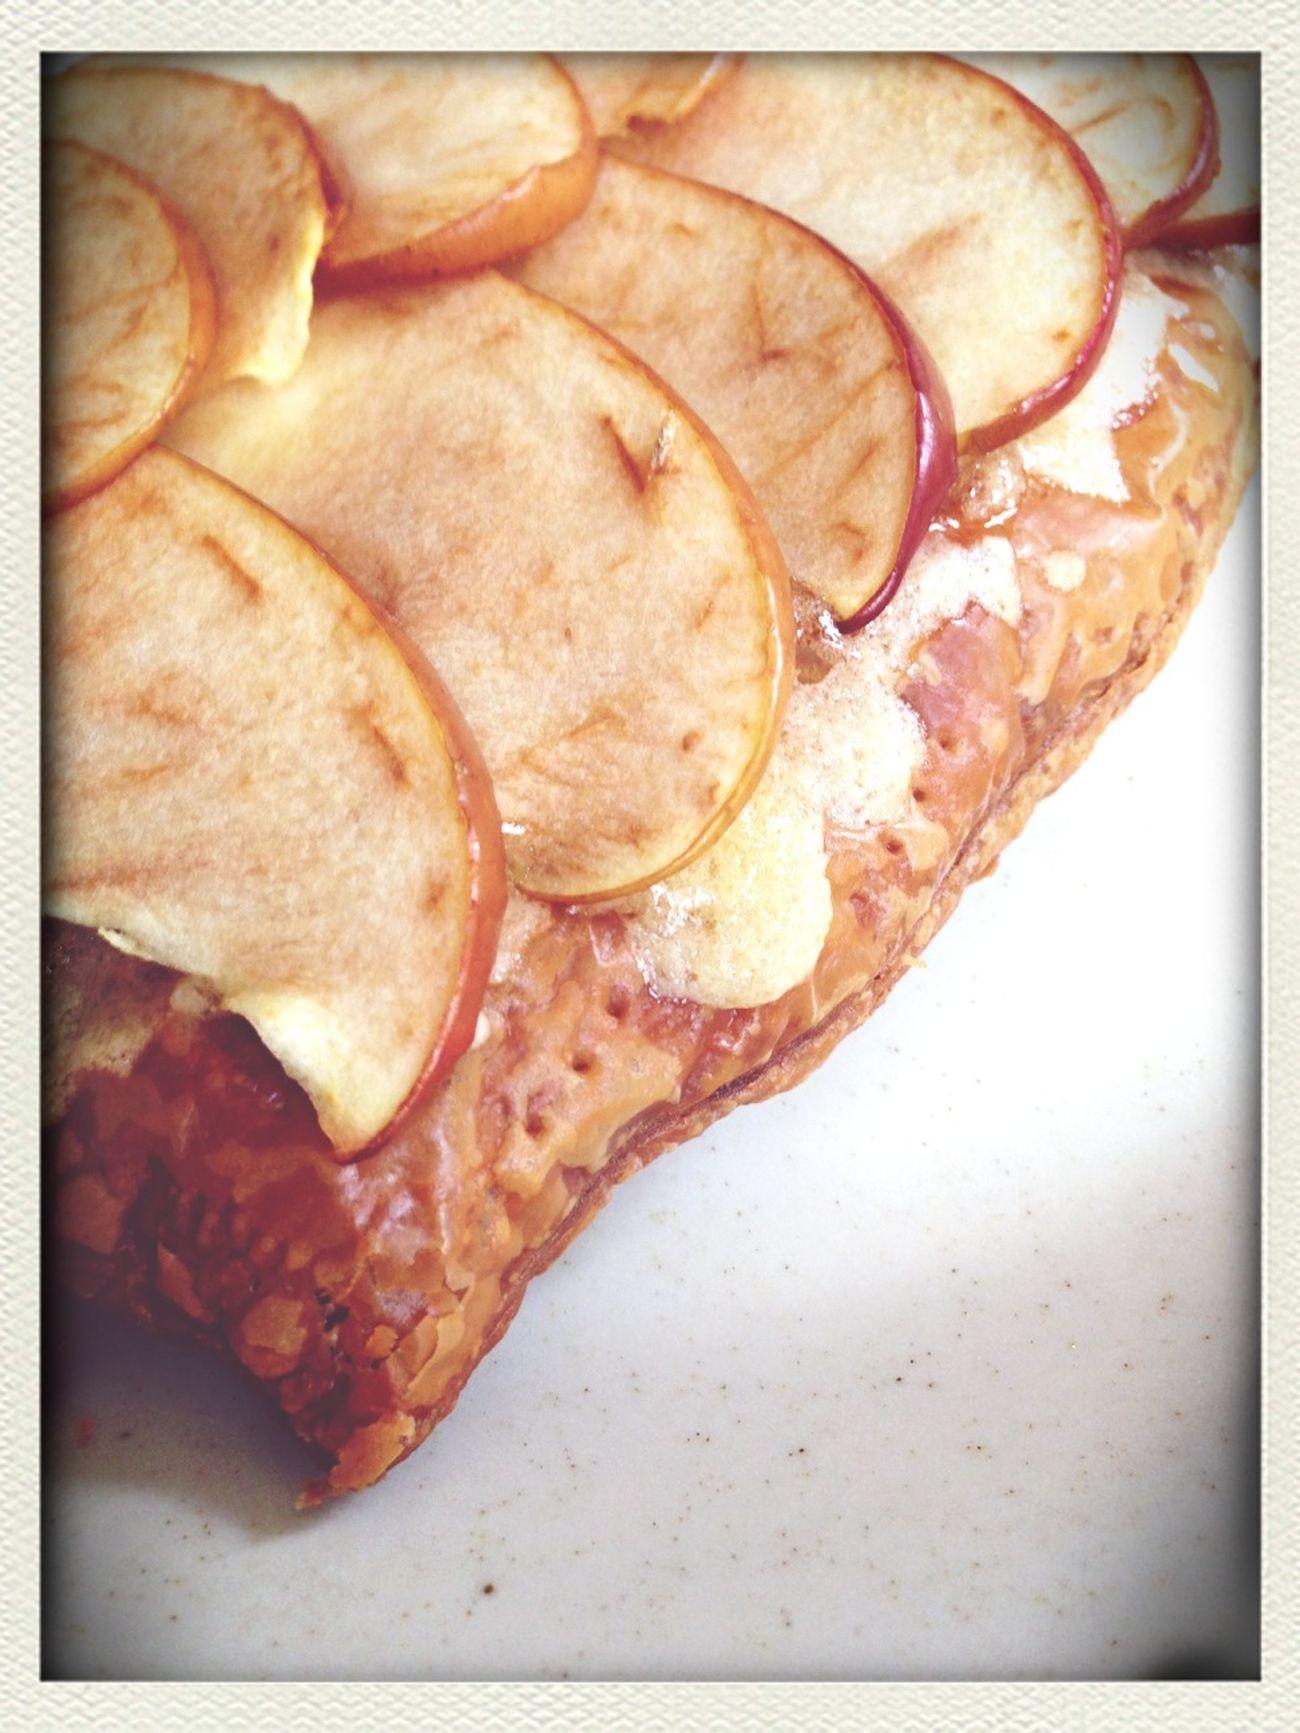 りんごパイ。dans La Natureのなつえさんの本【ももの木 なしの木 りんごの木】より。